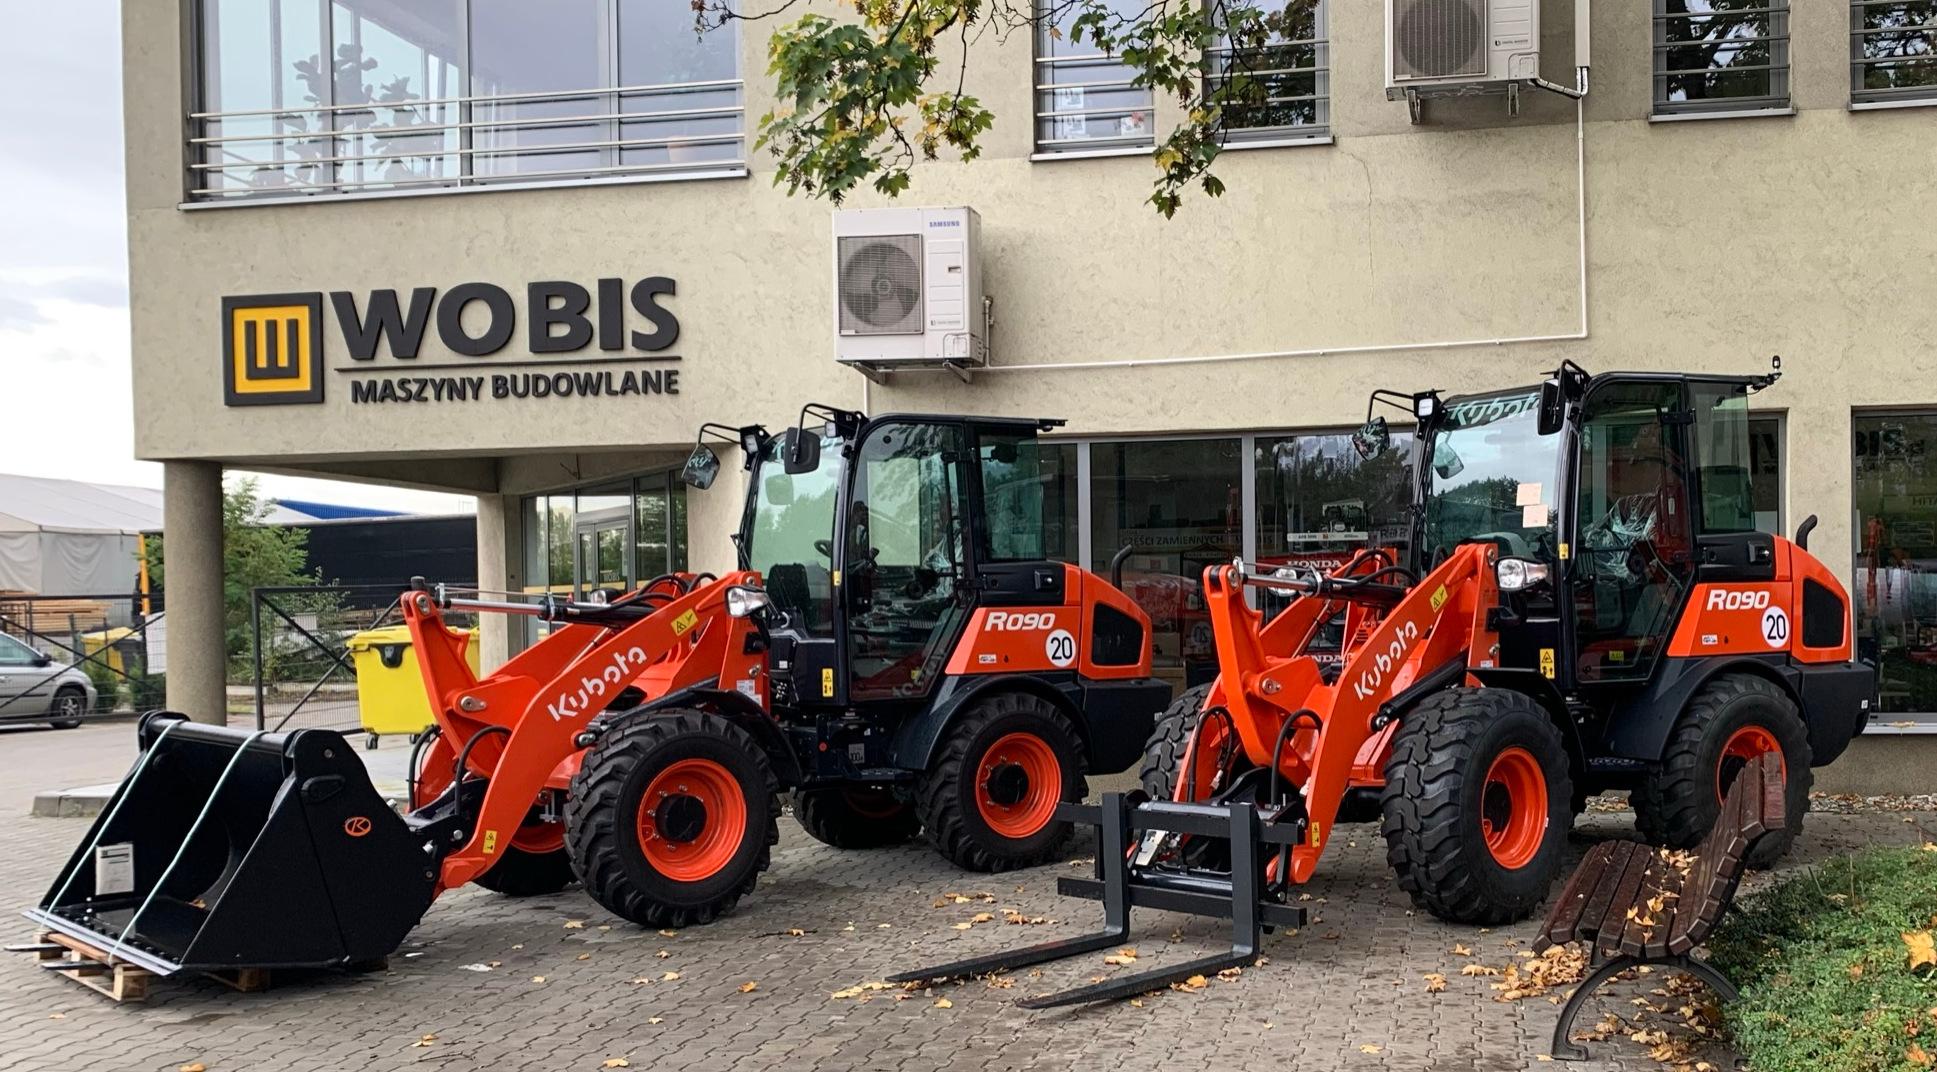 Ładowarki kołowe KUBOTA R090 przed budynkiem firmy WOBIS